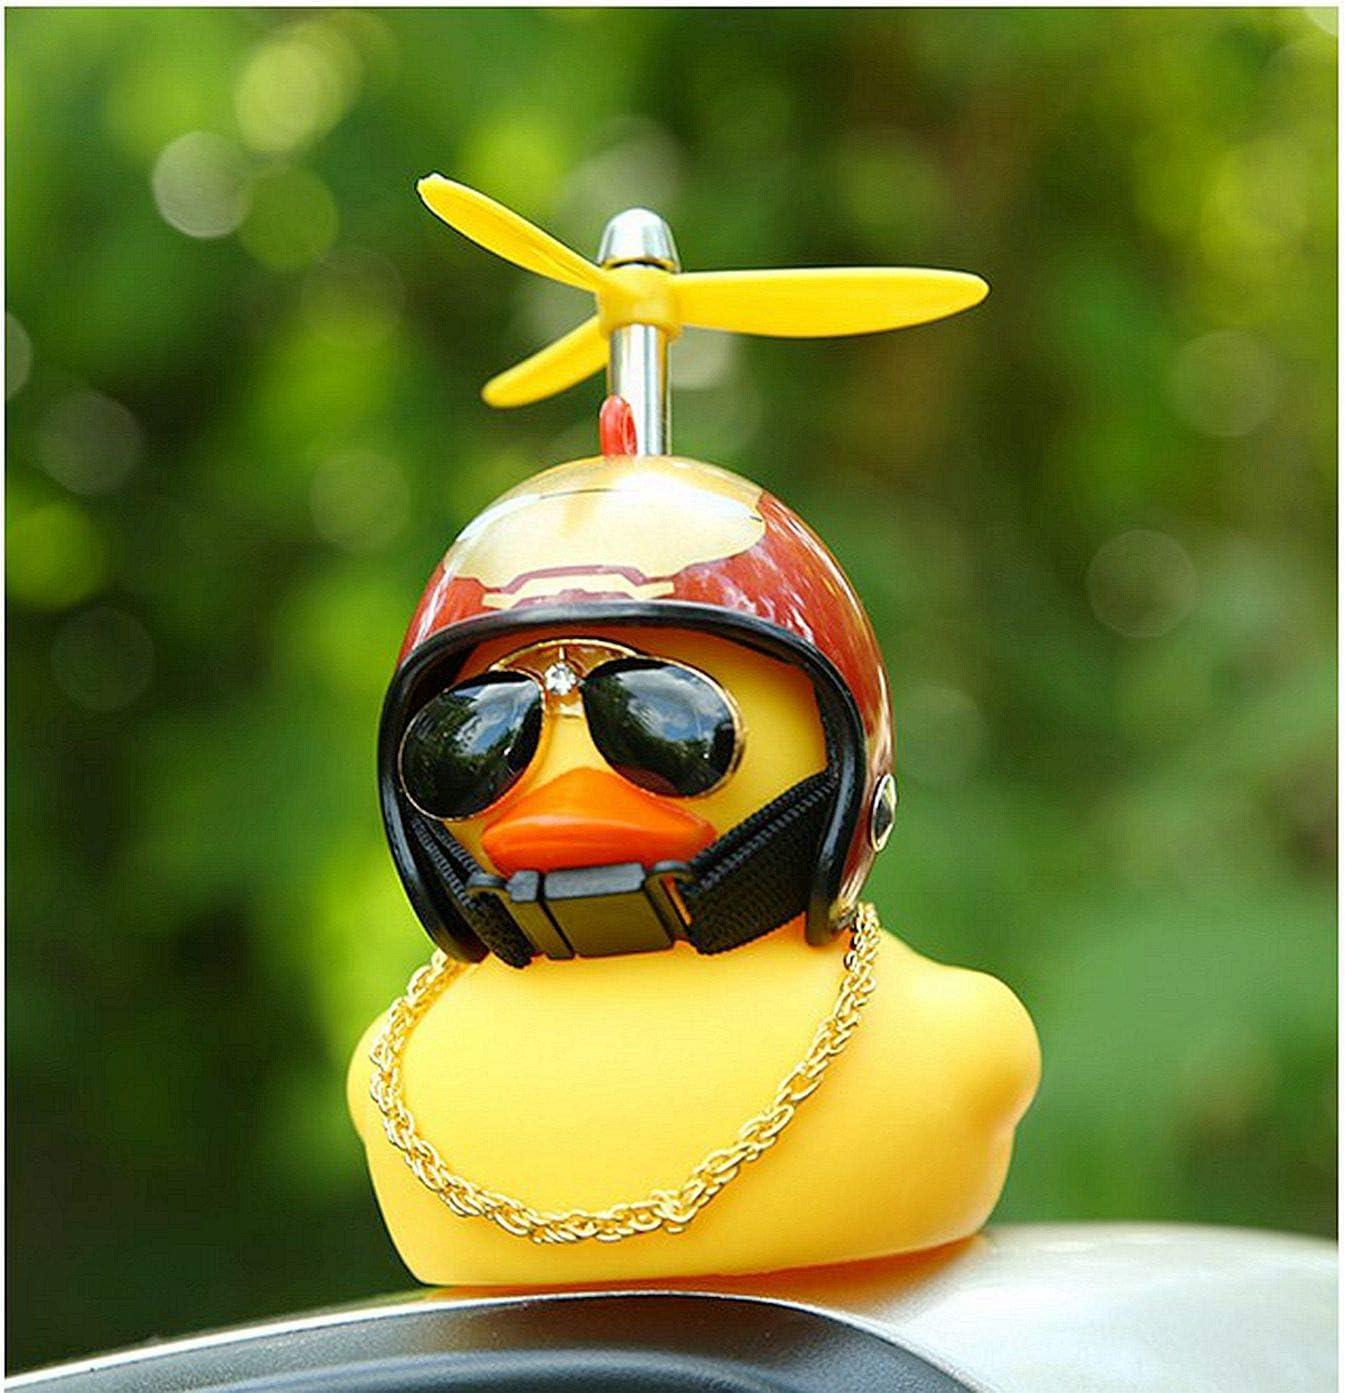 MTB mit Helm Reithelm Duck Bell Gelb gummiente Motorrad Fahrradzubeh/ör Gelb, Maskenmann MU XI Rubber Ente Entenklingel Fahrradklingel kleine Ente Rennrad